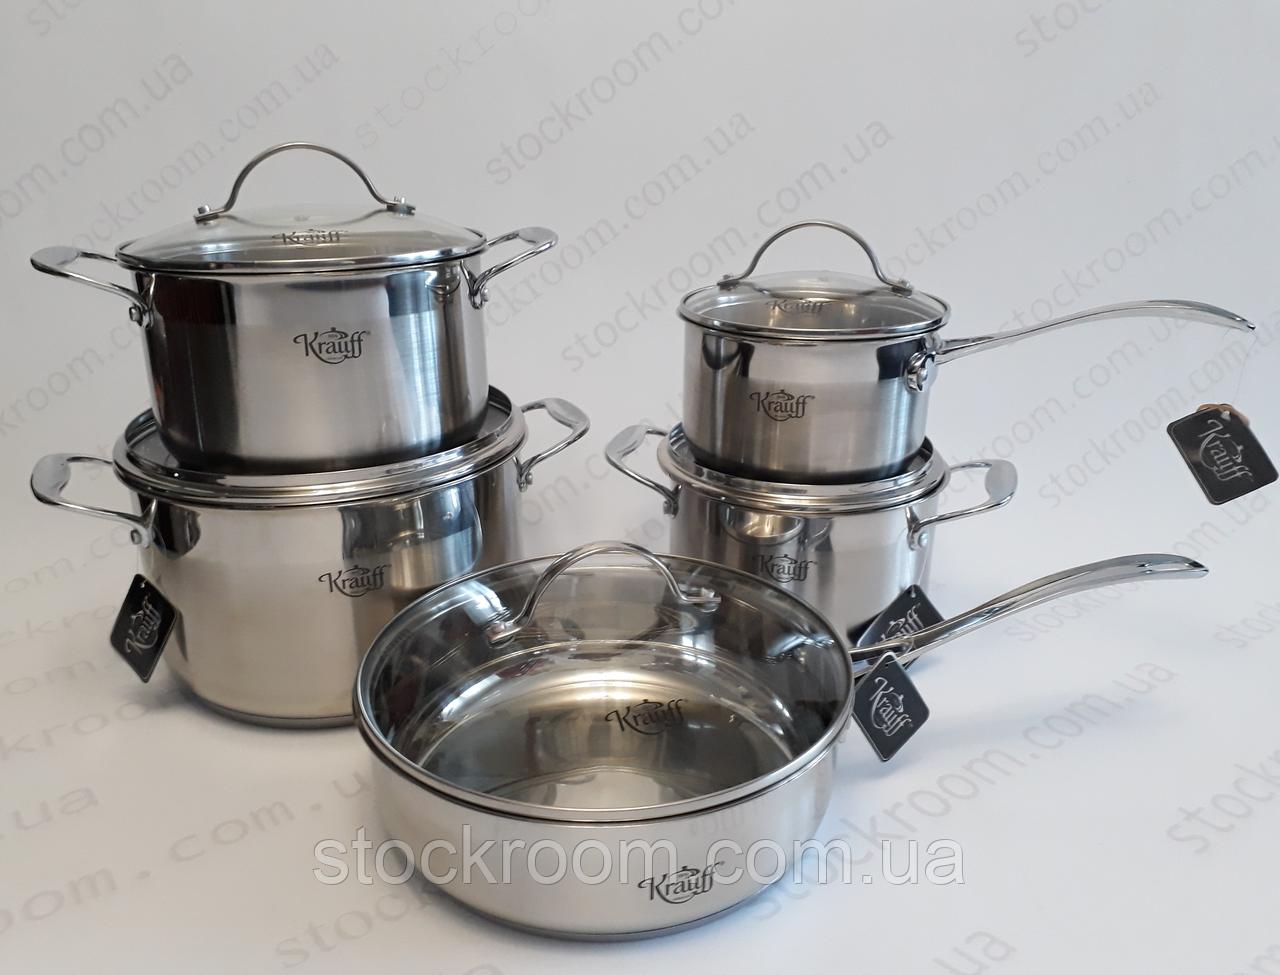 Набор посуды из нержавеющей стали Krauff